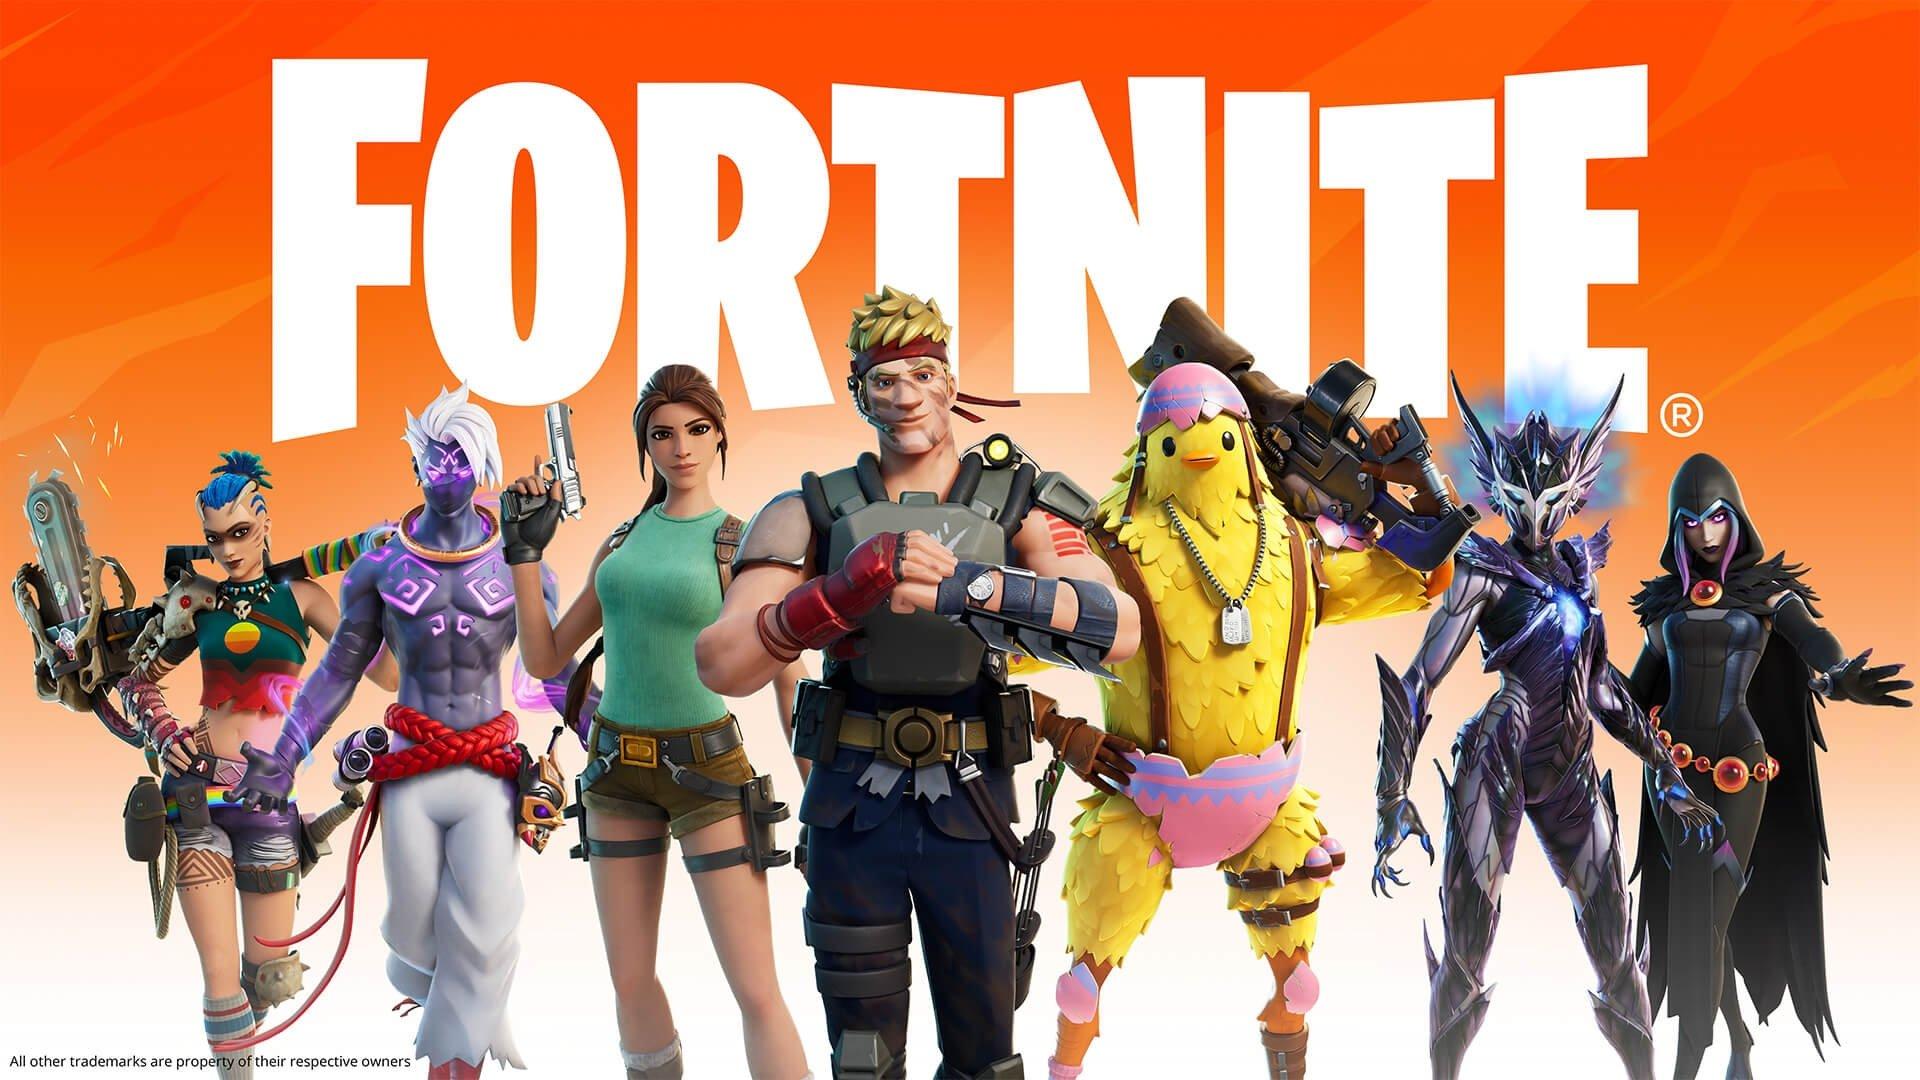 Fortnite team